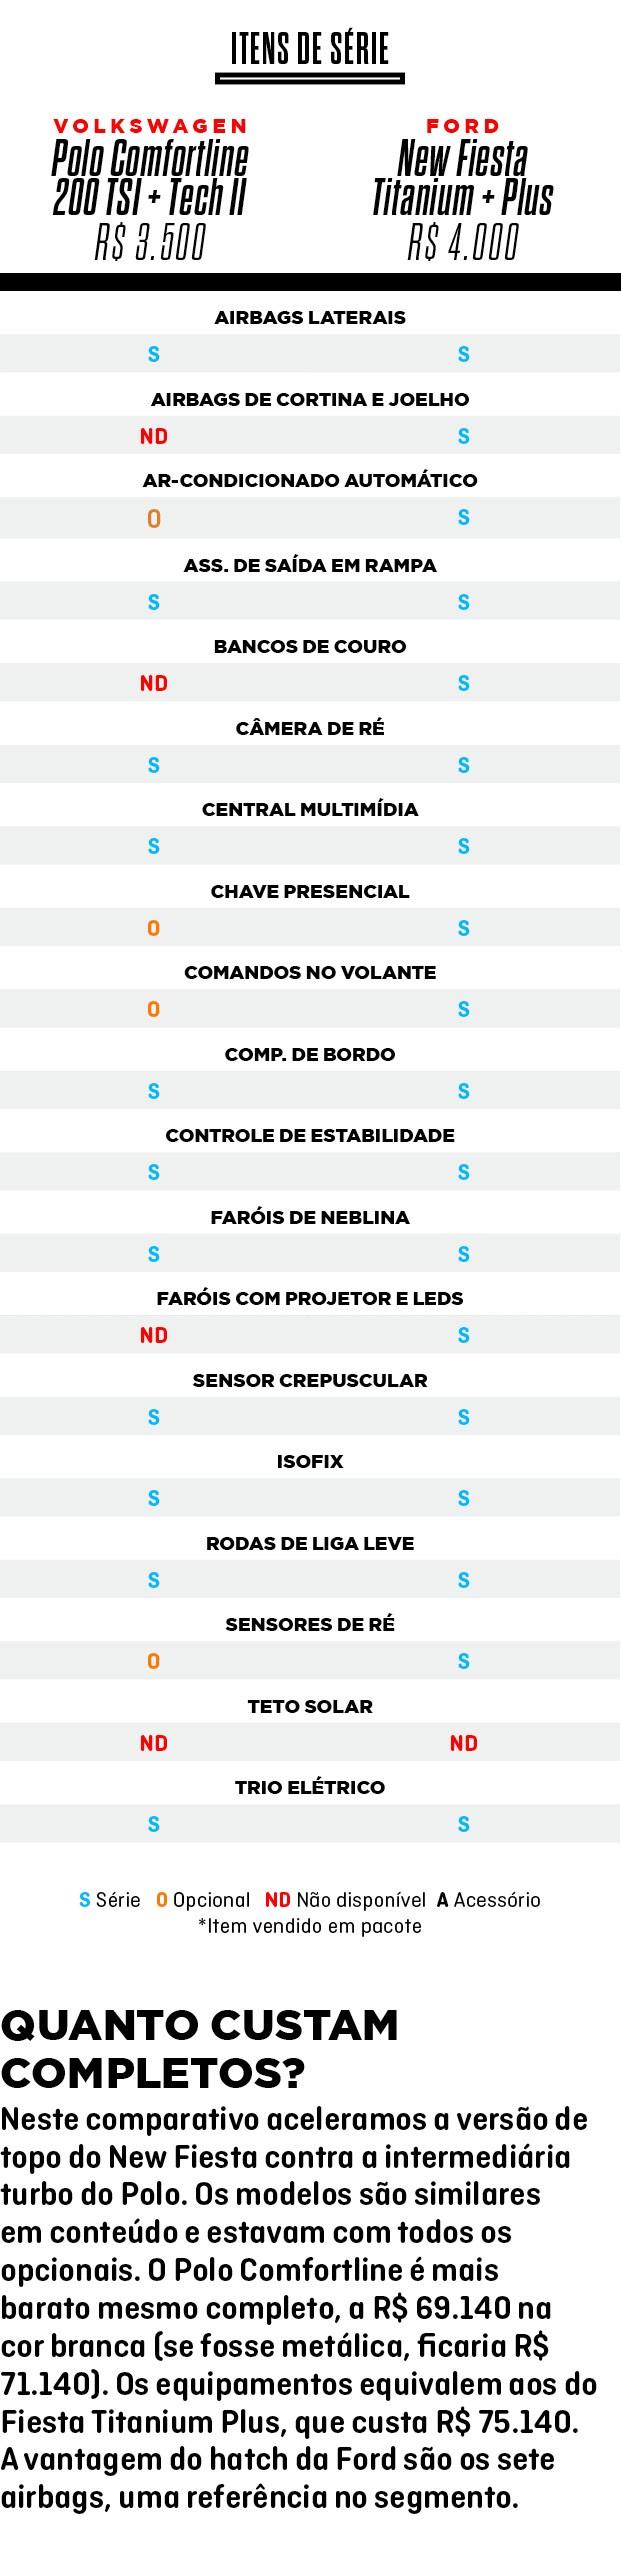 Comparativo (Foto:  )